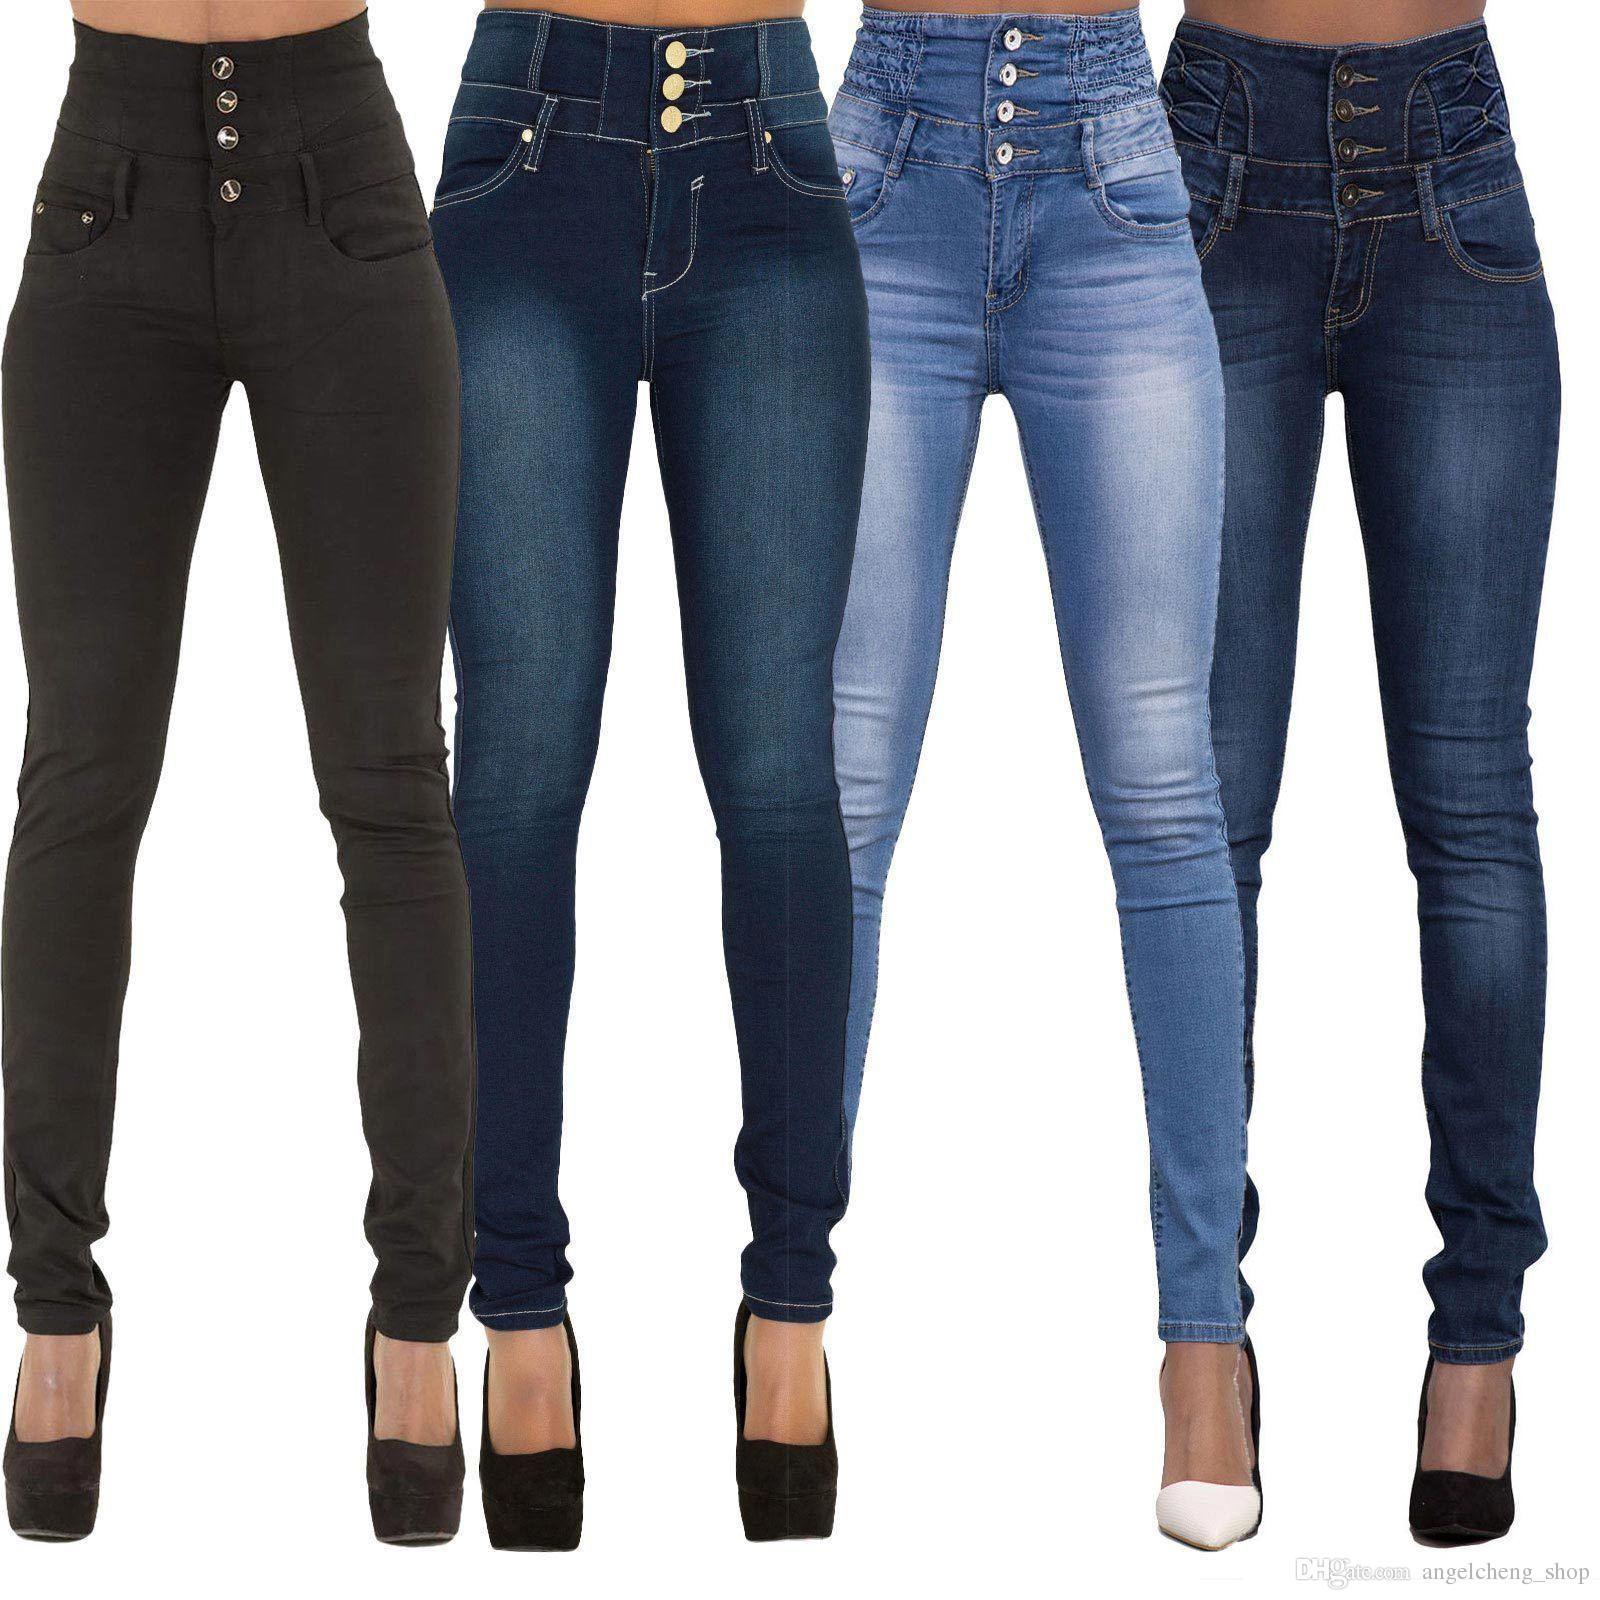 08f97978f 2019 Hot Women Ladies Jeans Women Denim Skinny Jeggings Jeans Pants ...